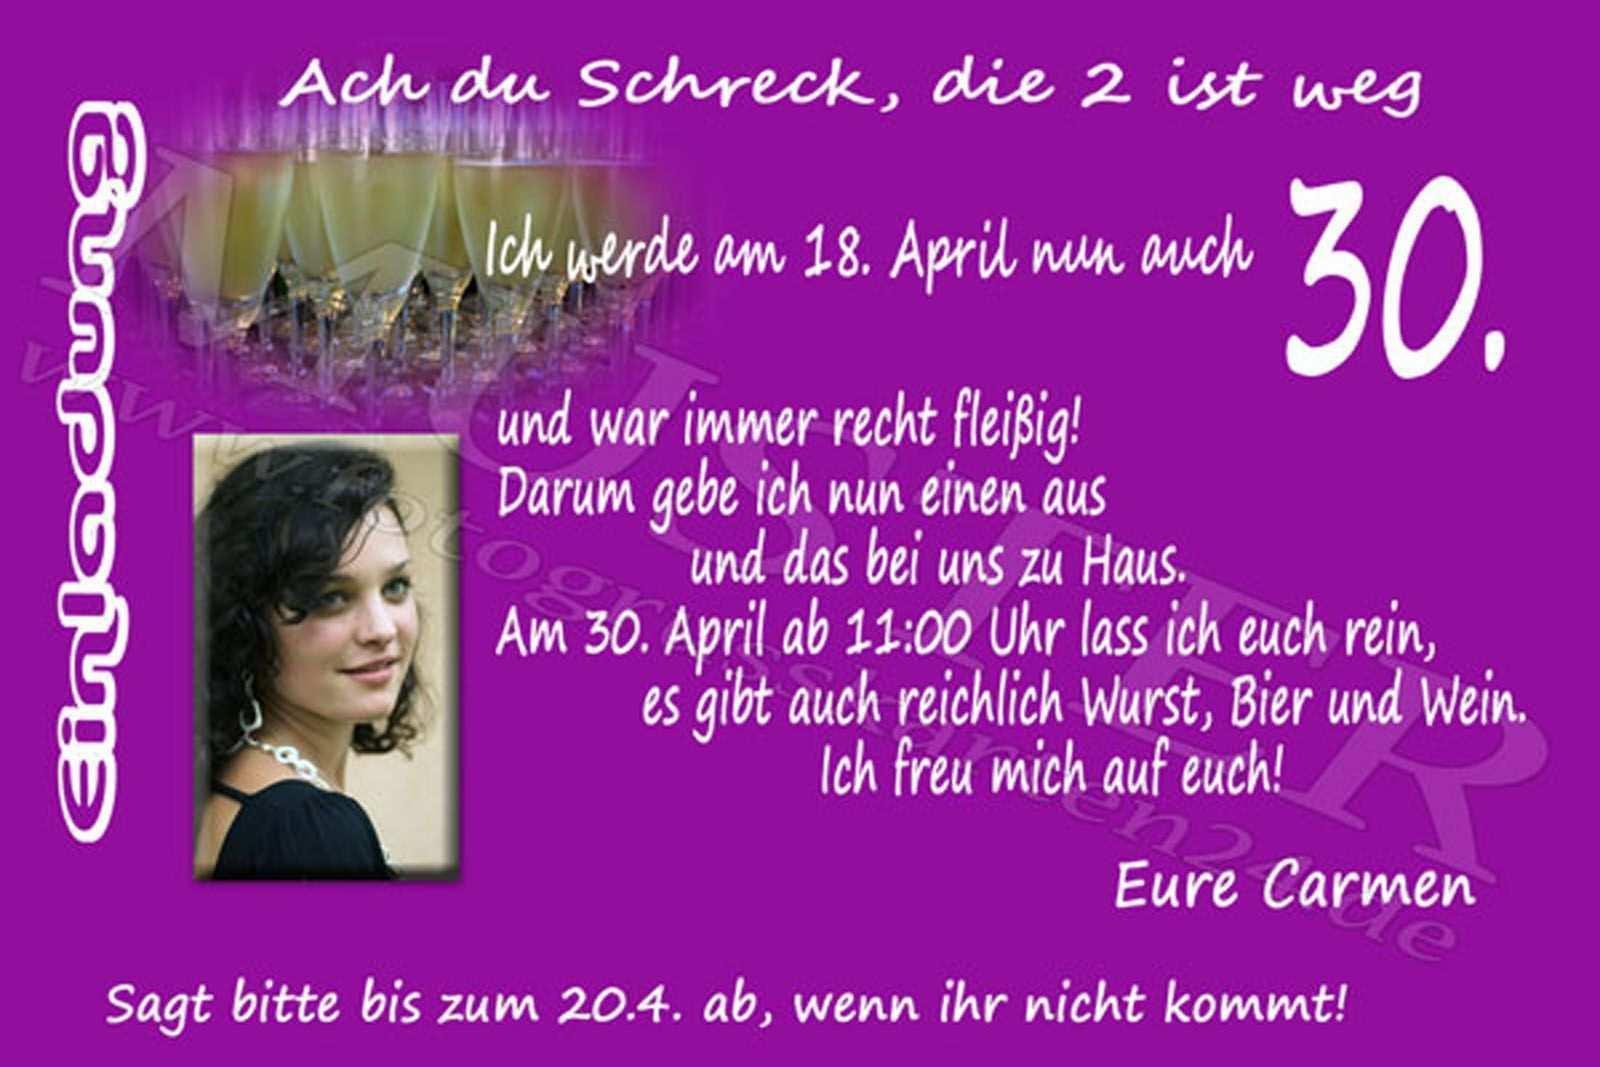 Einladungstext 30 Geburtstag Reinfeiern Einladung Geburtstag Einladung 30 Geburtstag Einladungskarten Geburtstag